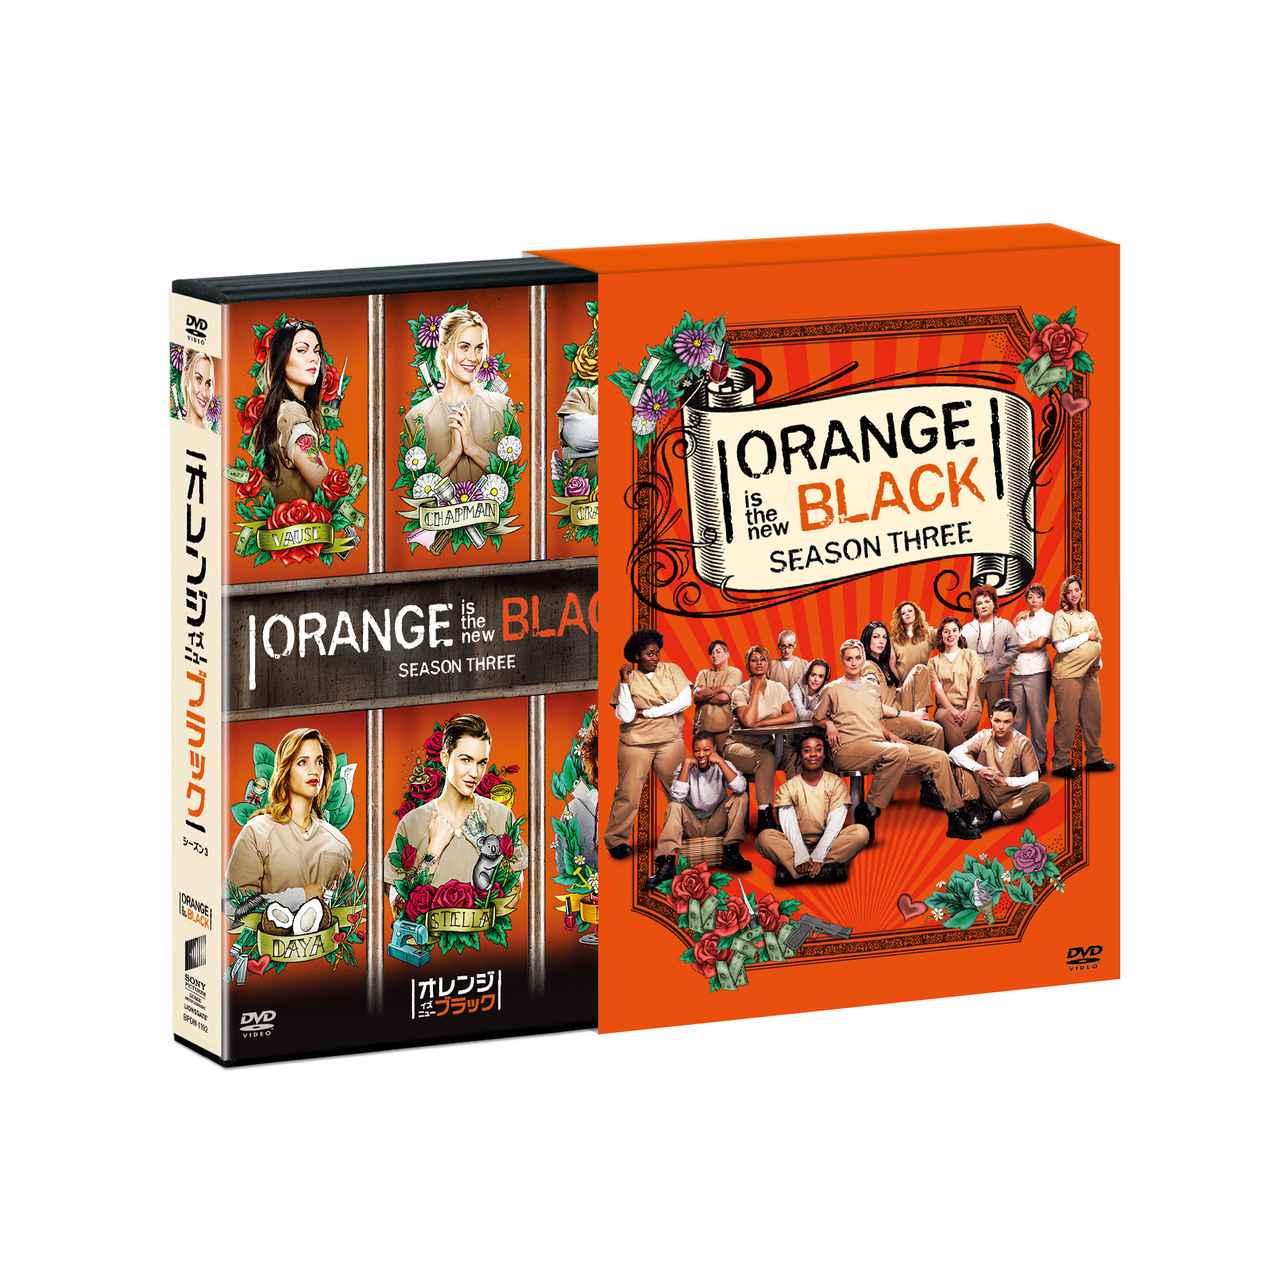 画像2: 「オレンジ・イズ・ニュー・ブラック シーズン 3 & 4」5月2日DVDリリース